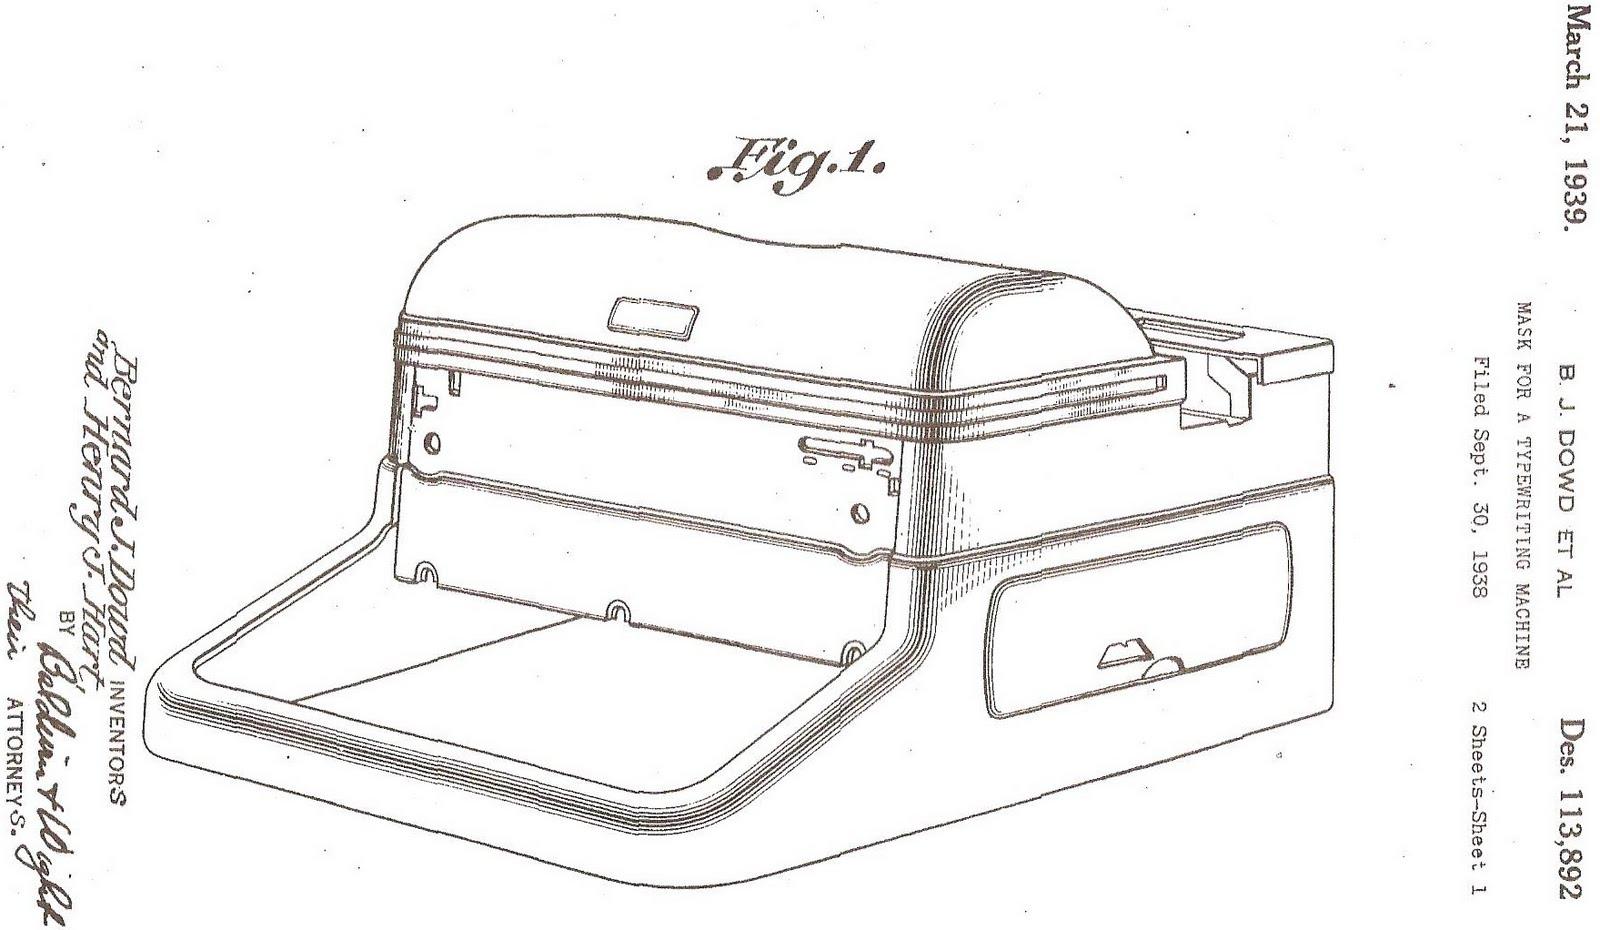 Oz Typewriter August